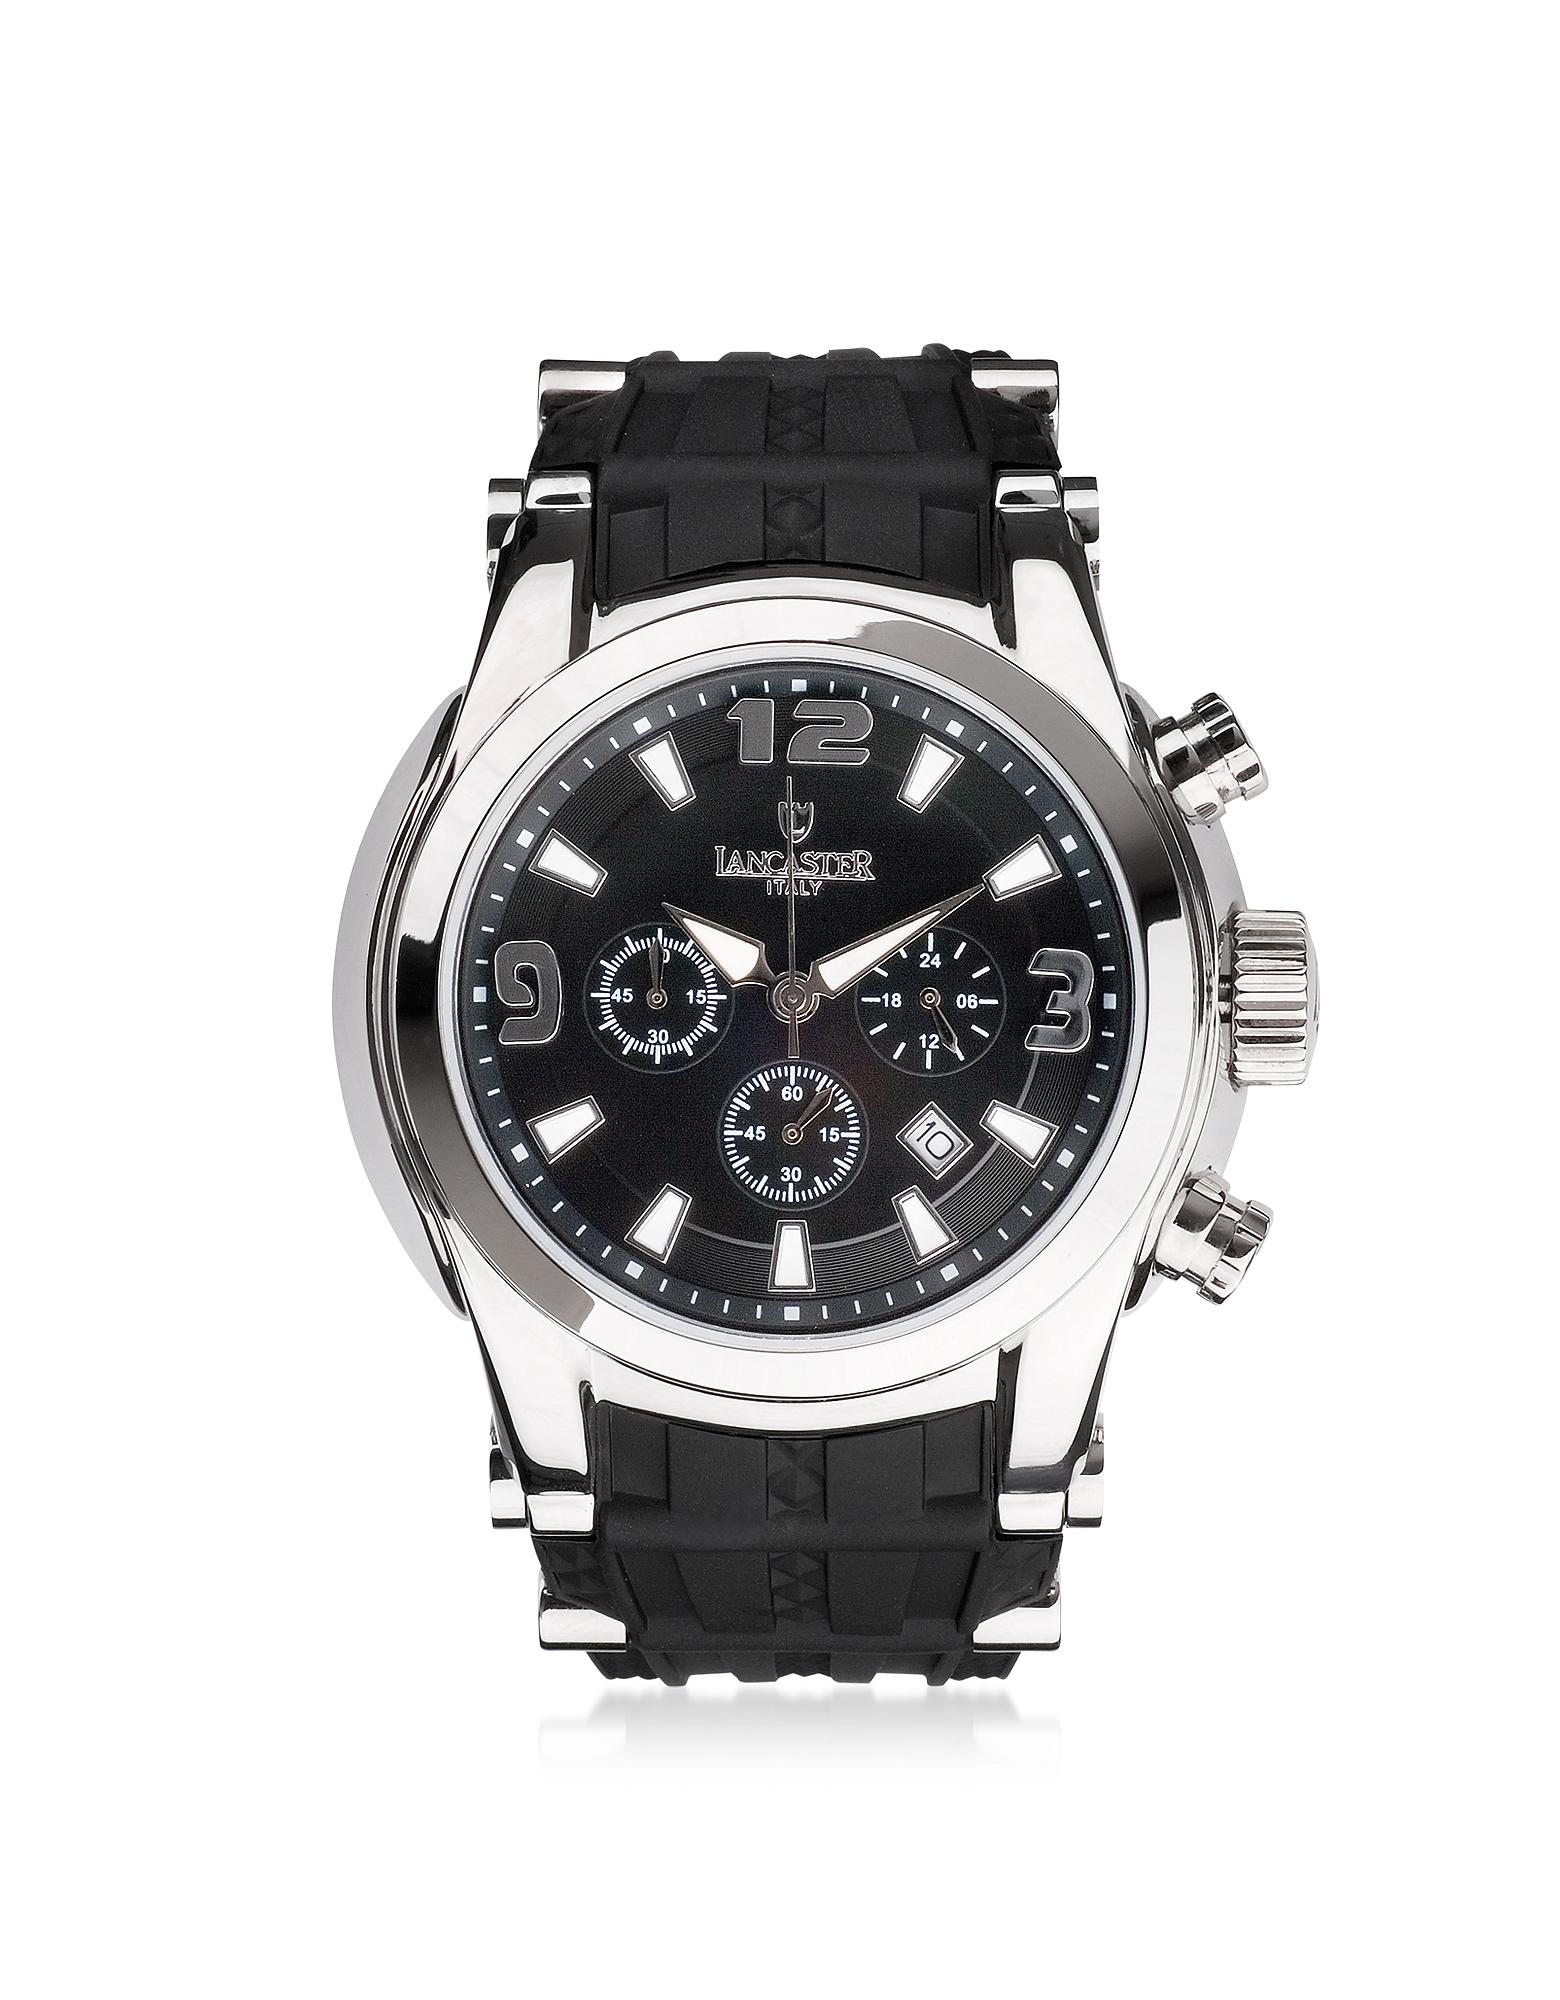 Lancaster Bongo - Мужские Часы Хронограф из Серебристой Нержавеющей Стали на Черном Резиновом Ремешке